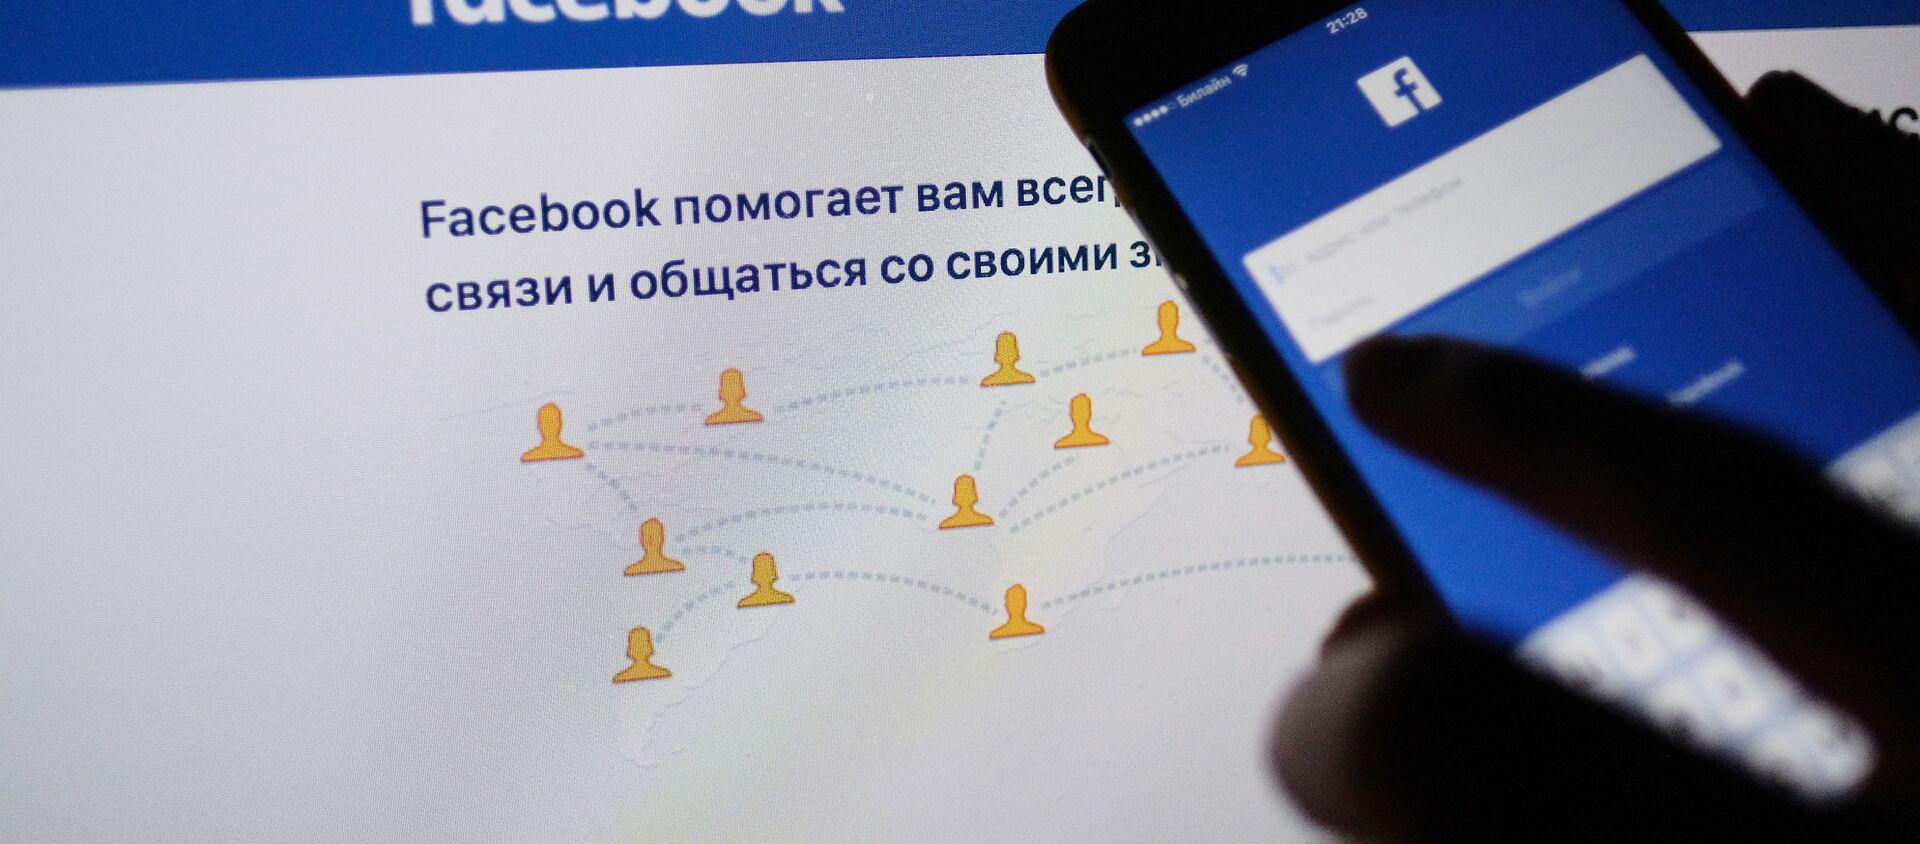 Sociální síť Facebook - Sputnik Česká republika, 1920, 22.02.2021